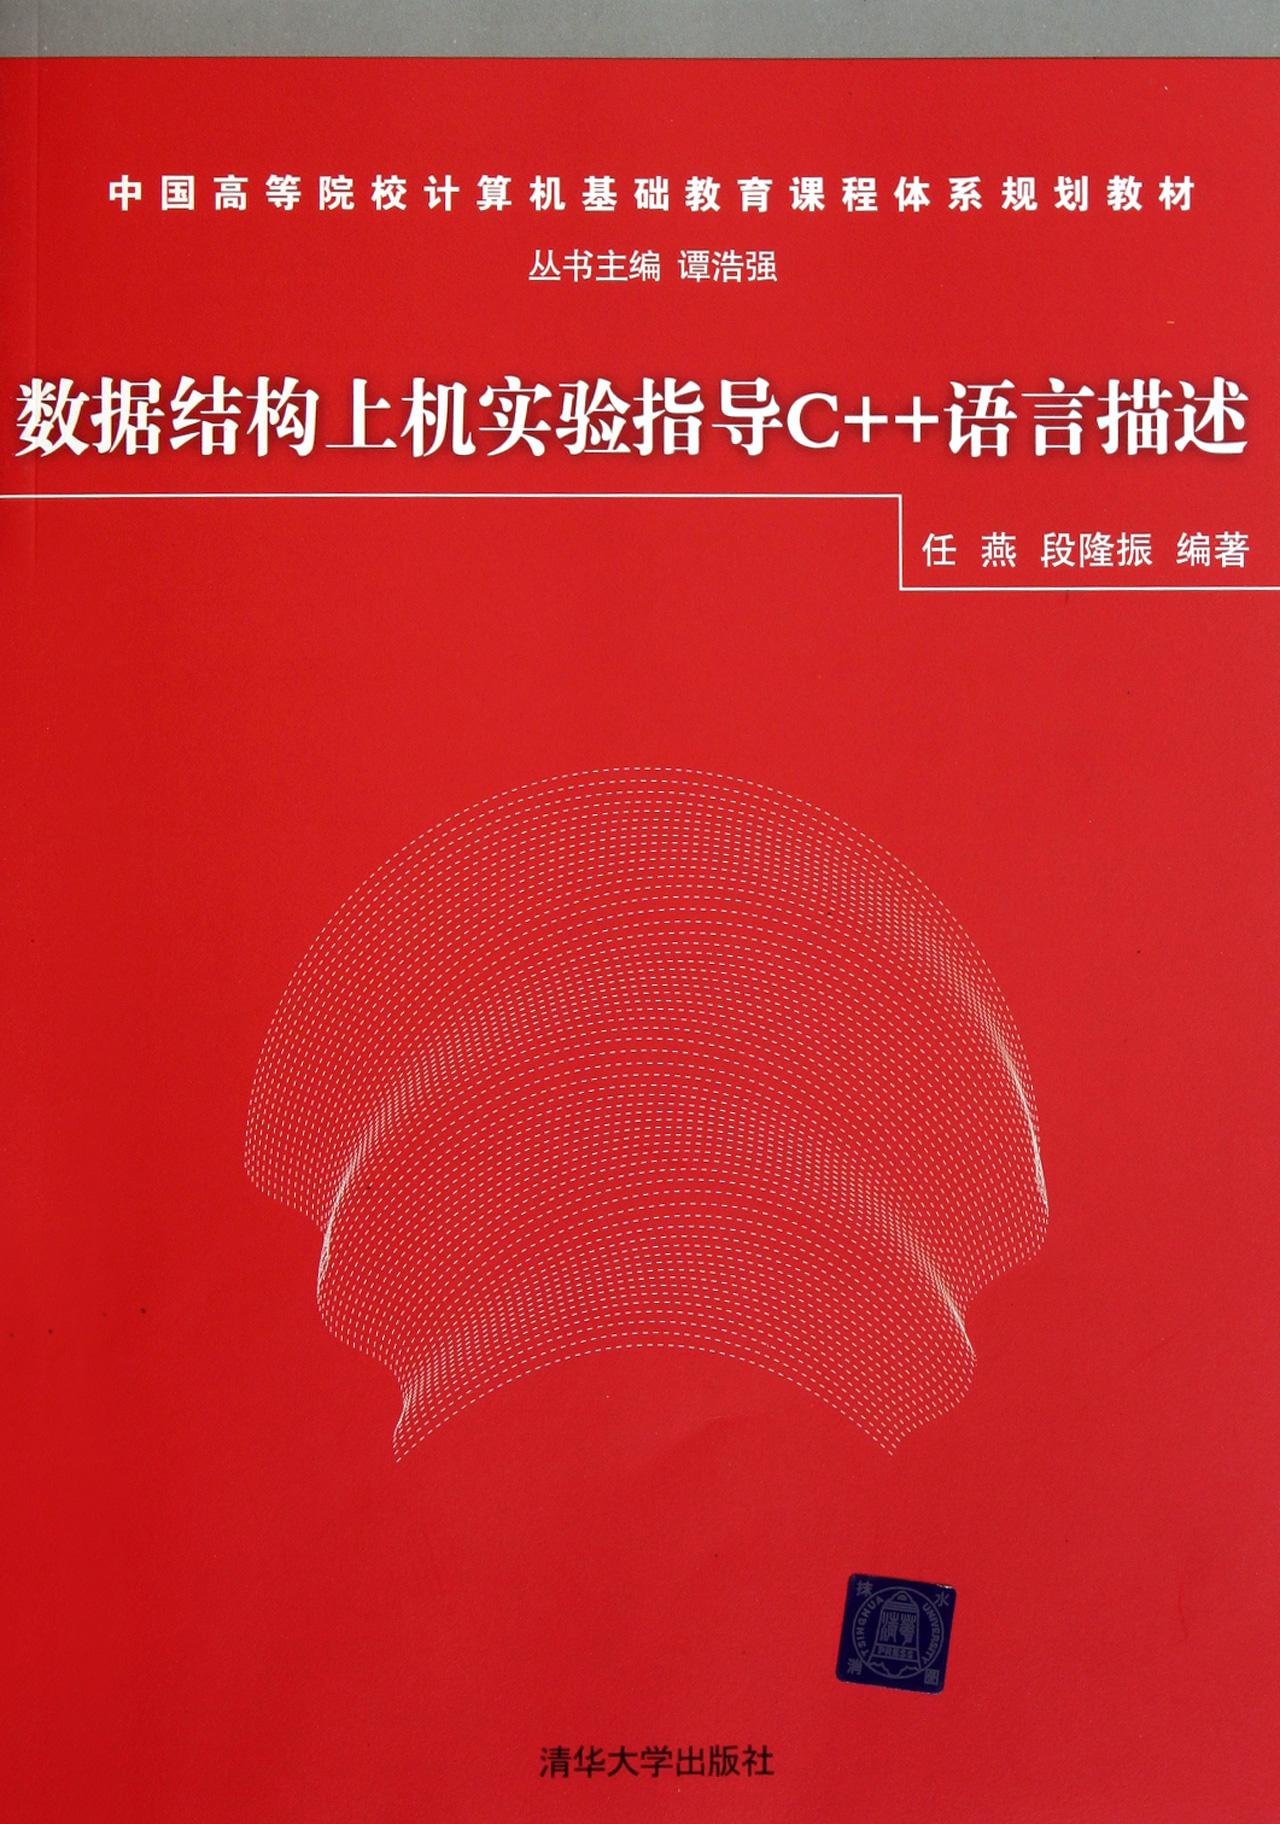 数据结构上机实验指导c  语言描述(中国高等院校计算机基础教育课程